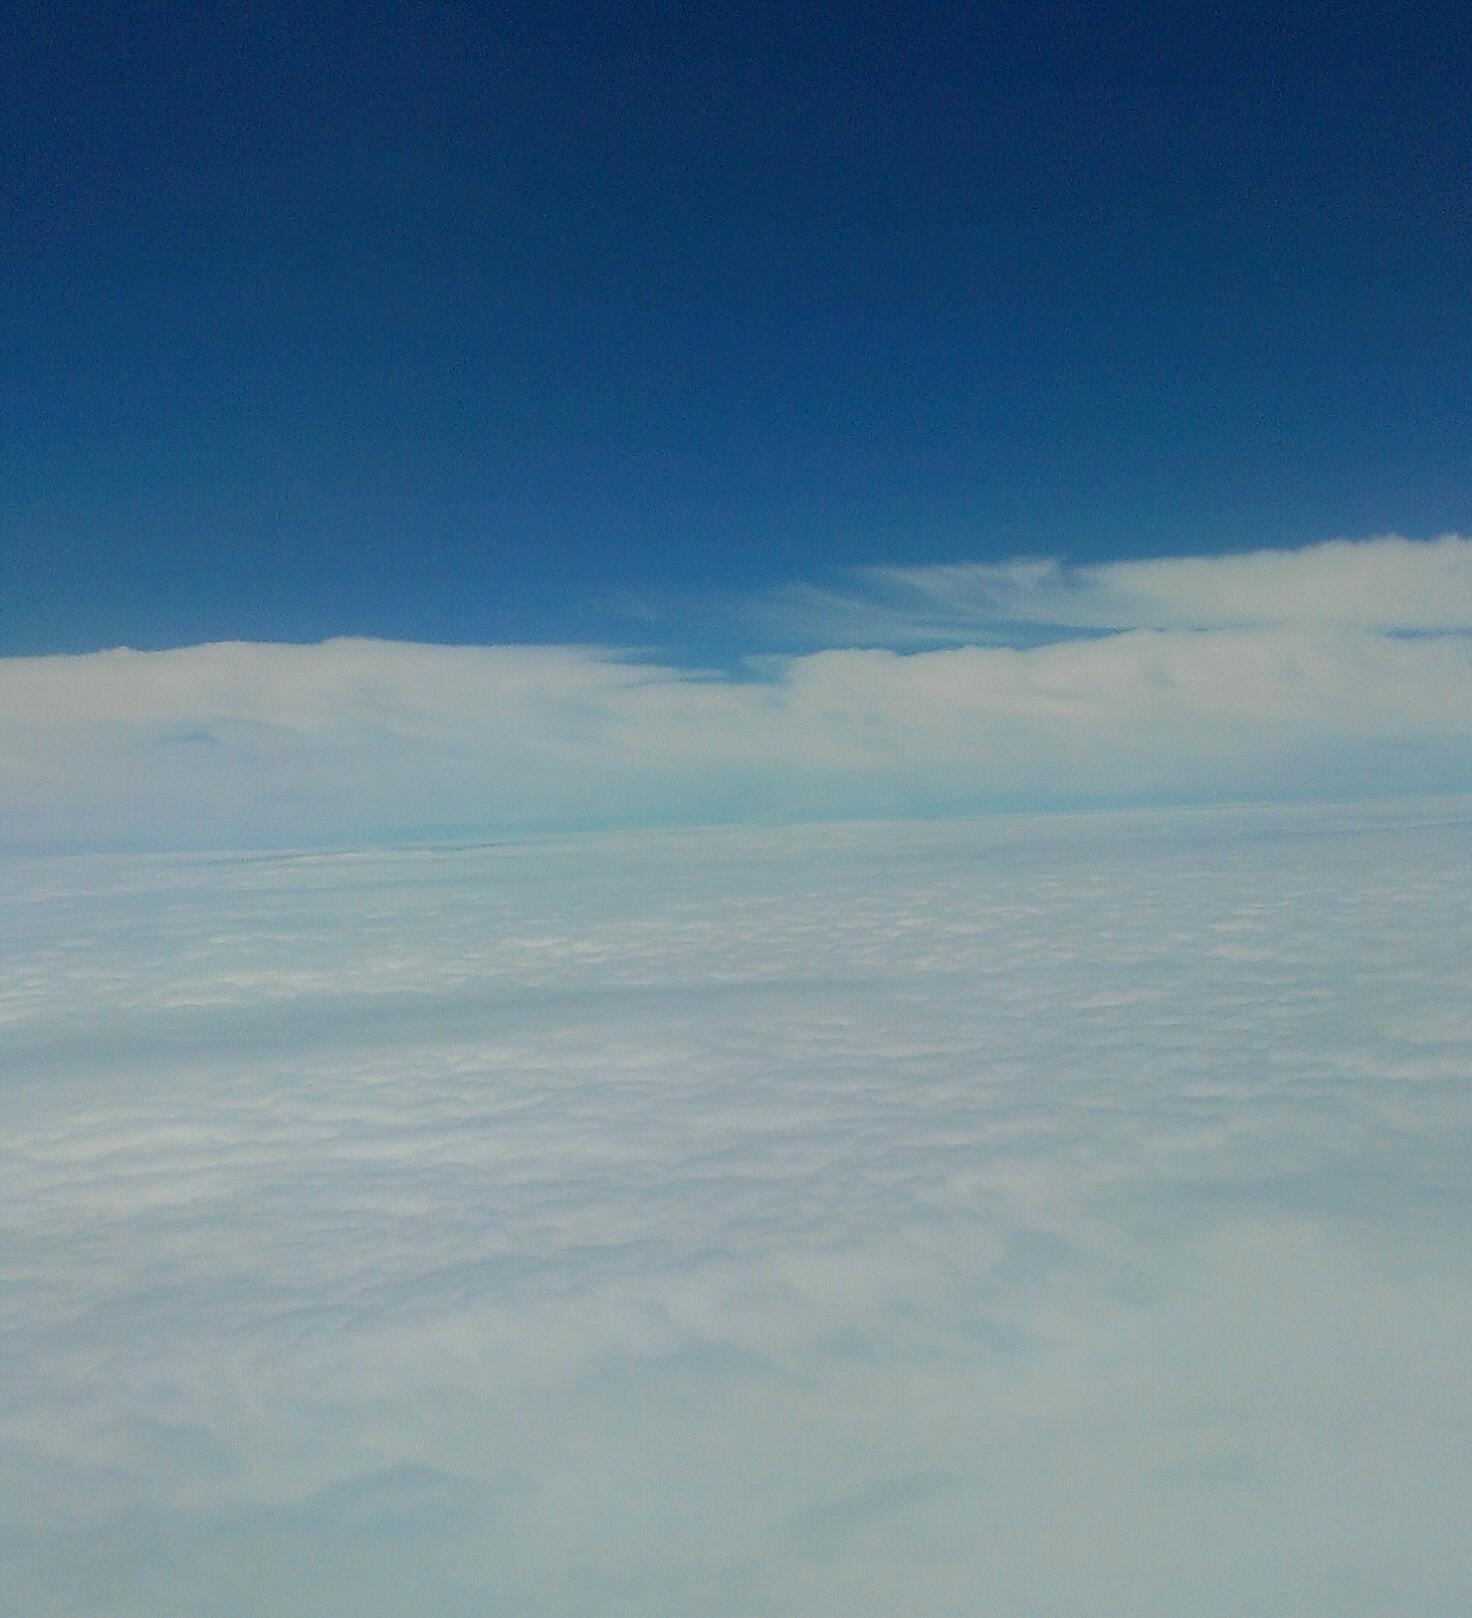 東シナ海上空